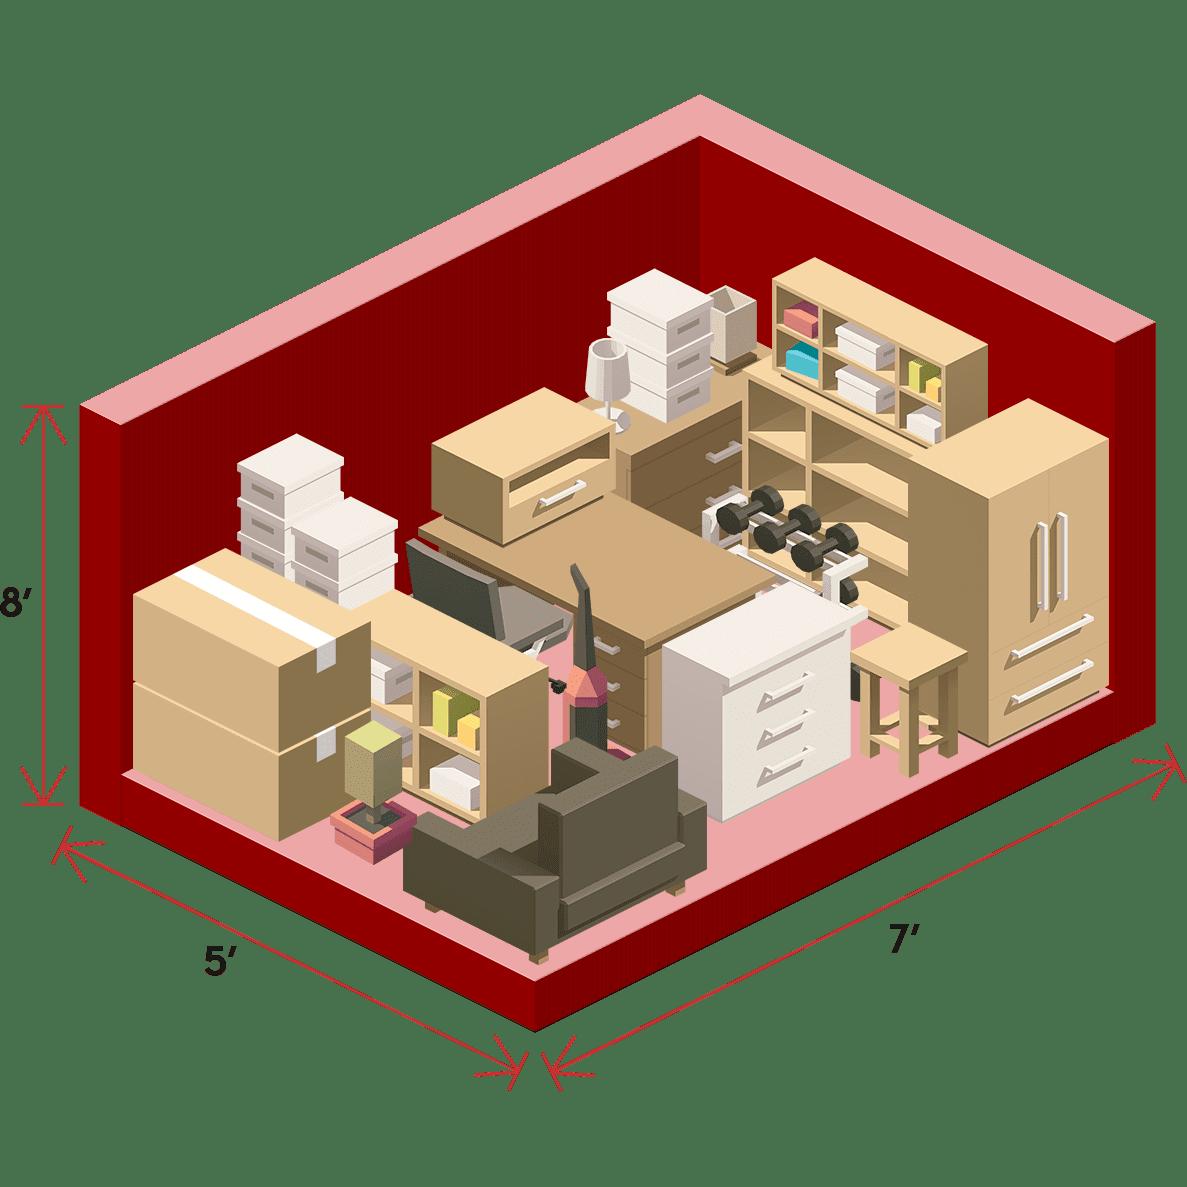 5 x 7 storage unit